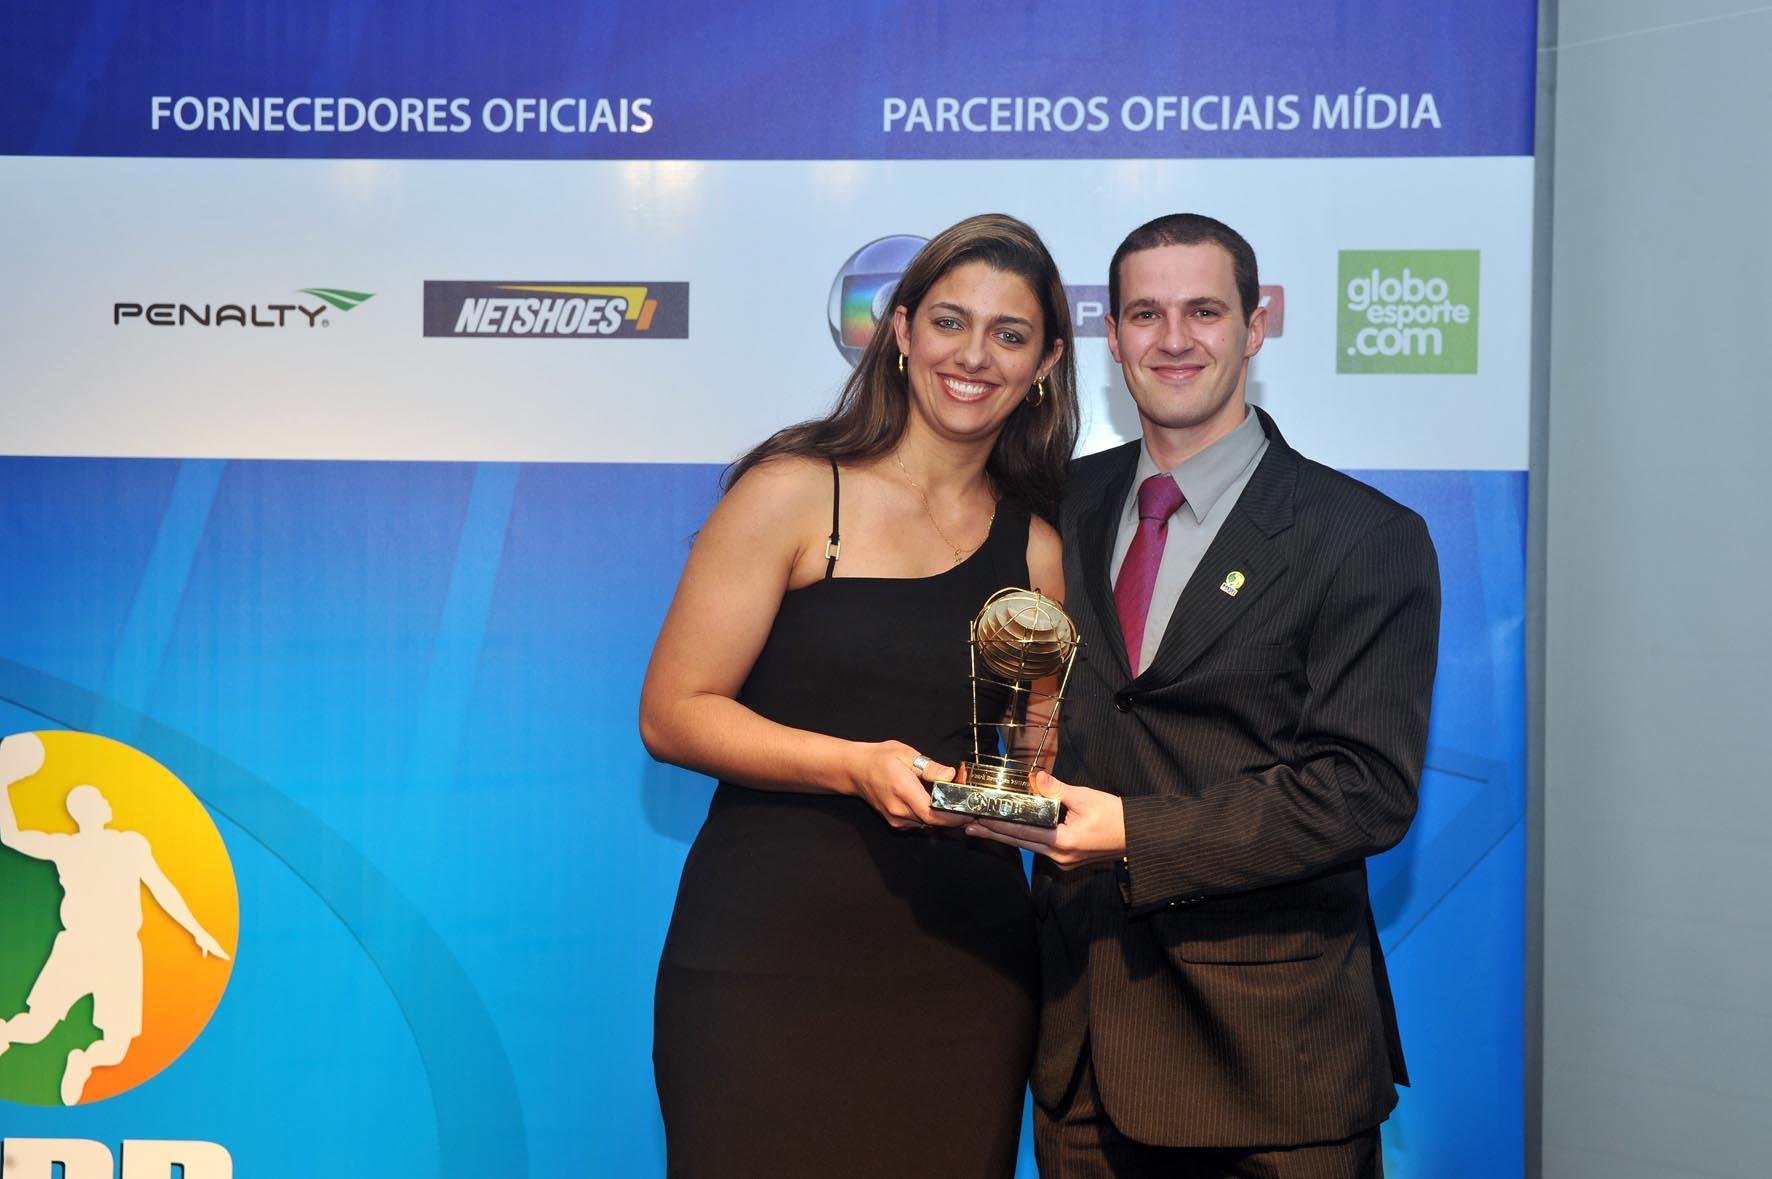 Árbitro Revelação, Diego Chiconato, recebe o trofeu de Flavia Almeida